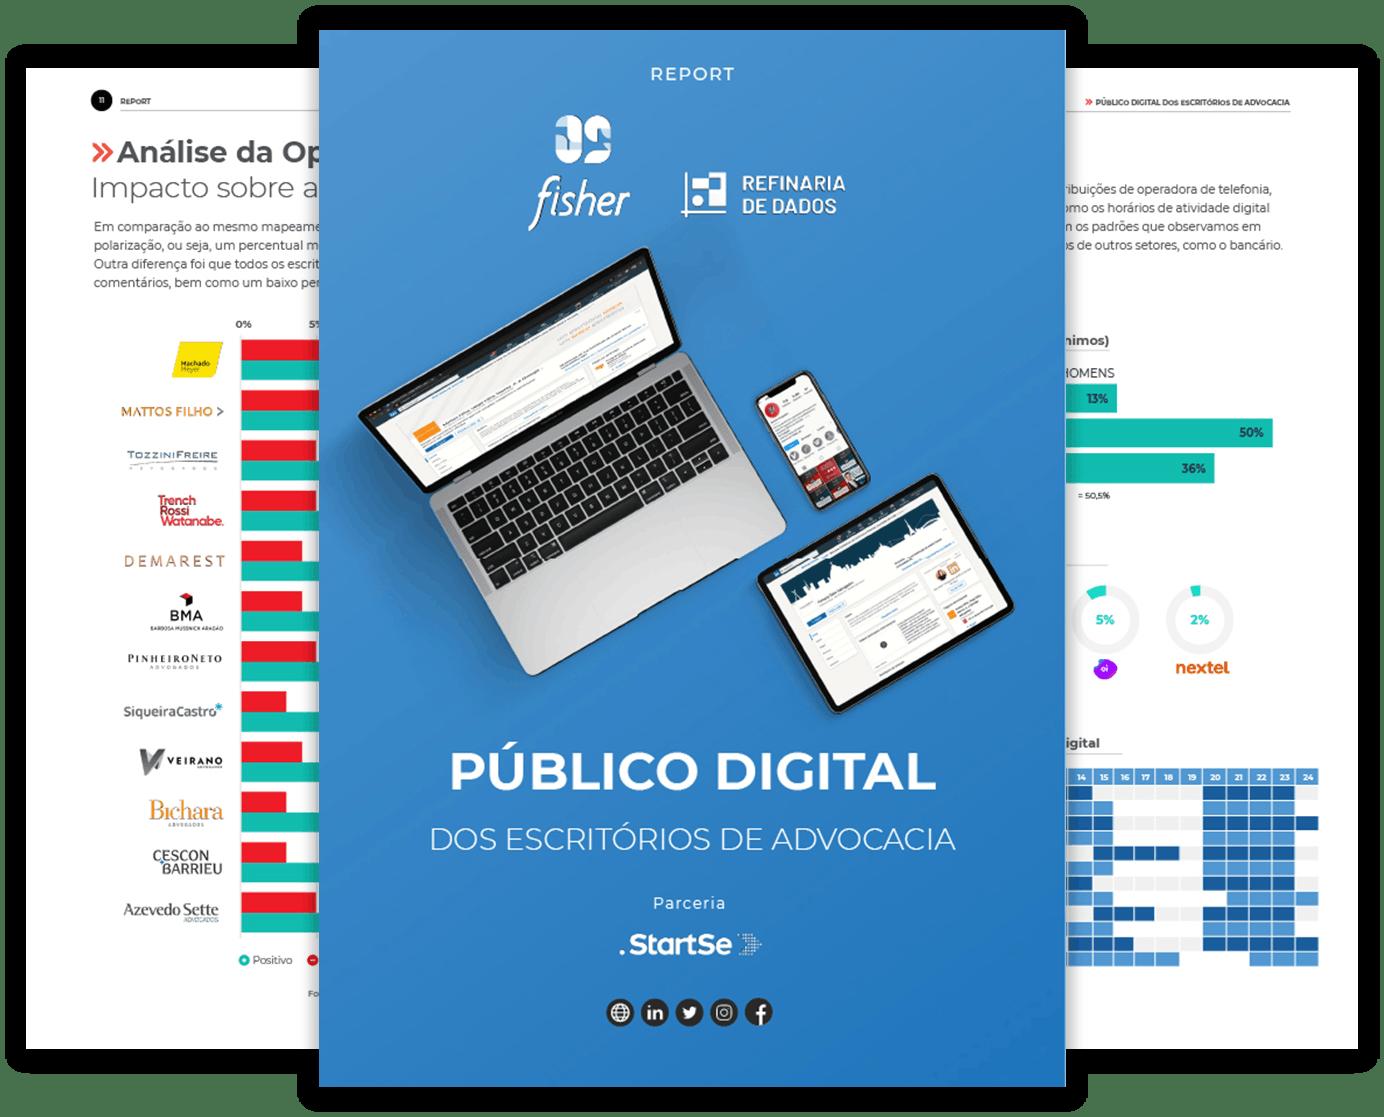 Capas report público digital dos escritórios de advocacia